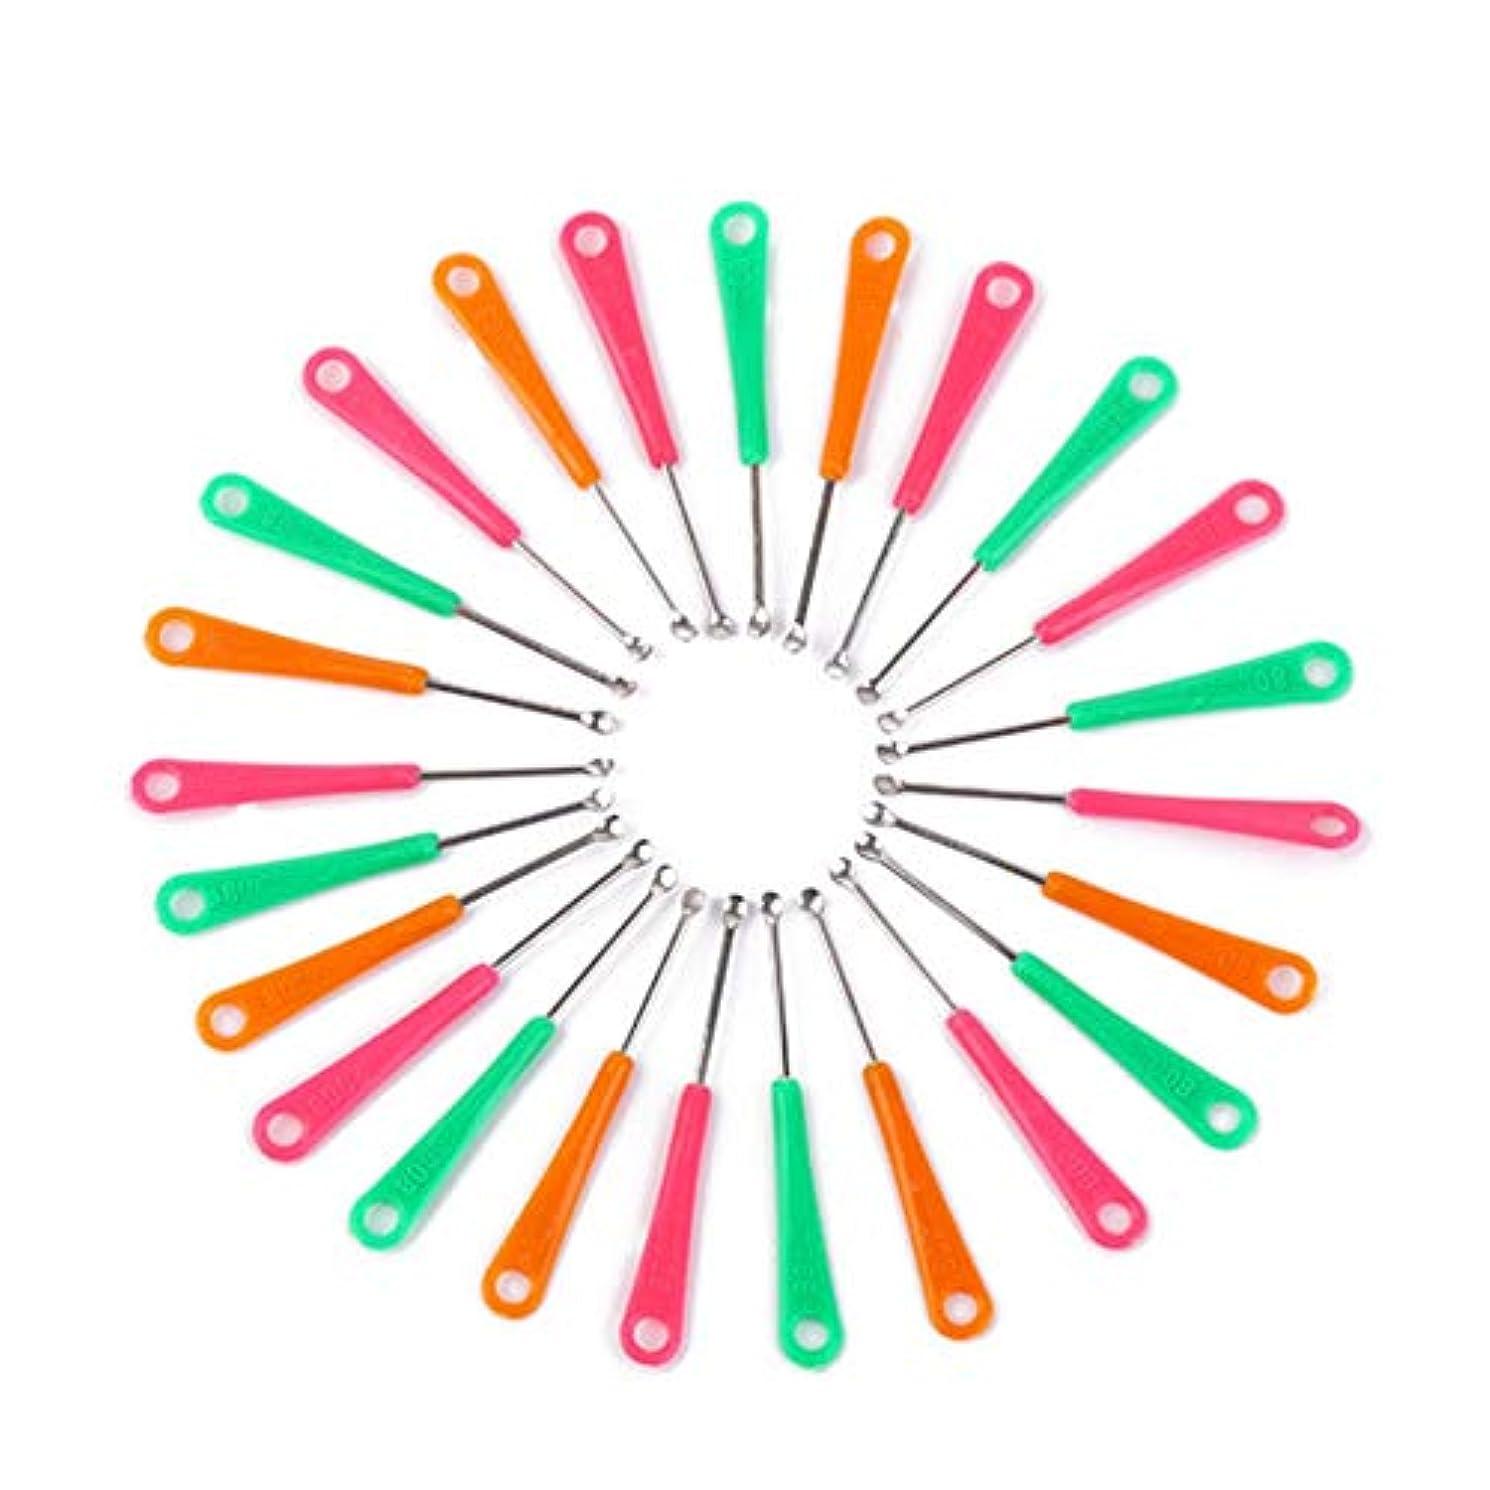 水平残基分岐する1st market プレミアム品質20ピースレッドグリーンイエロープラスチックグリップメタルイヤーピースイヤーキュレット